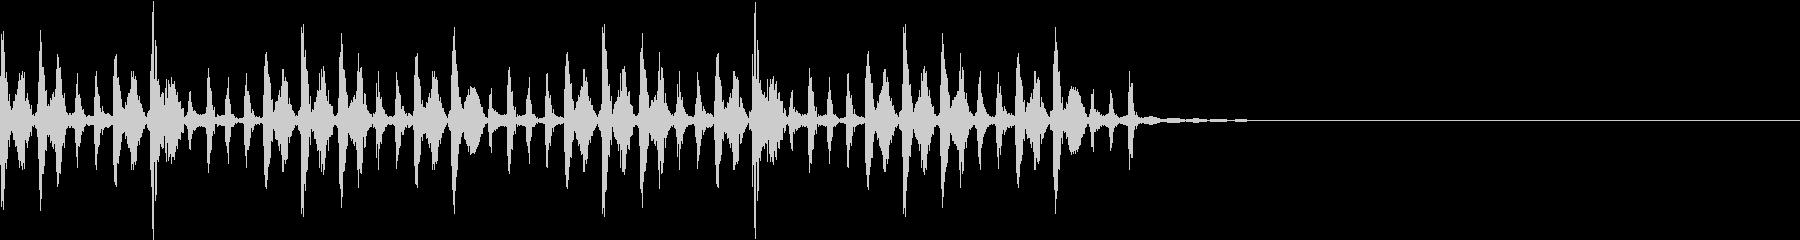 ポコパカポンパカ・民族楽器/場面転換の未再生の波形